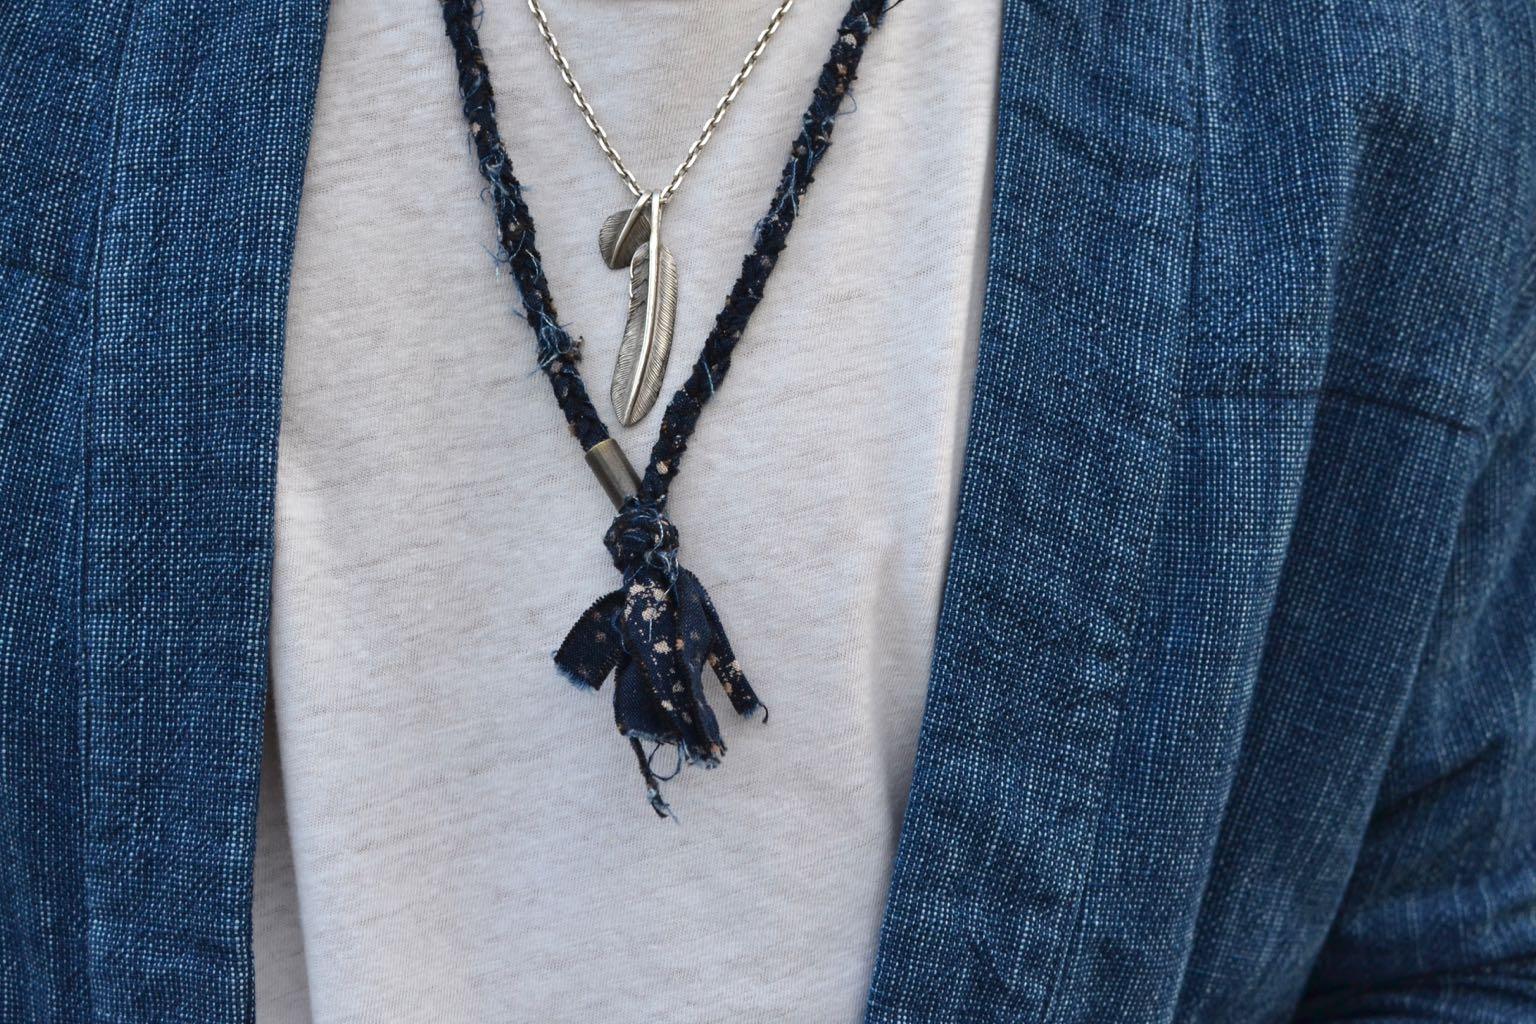 comment porter des colliers et bijoux dans un style homme - collier en argent avec plume first arrows et tissus recyclés made in france Borali